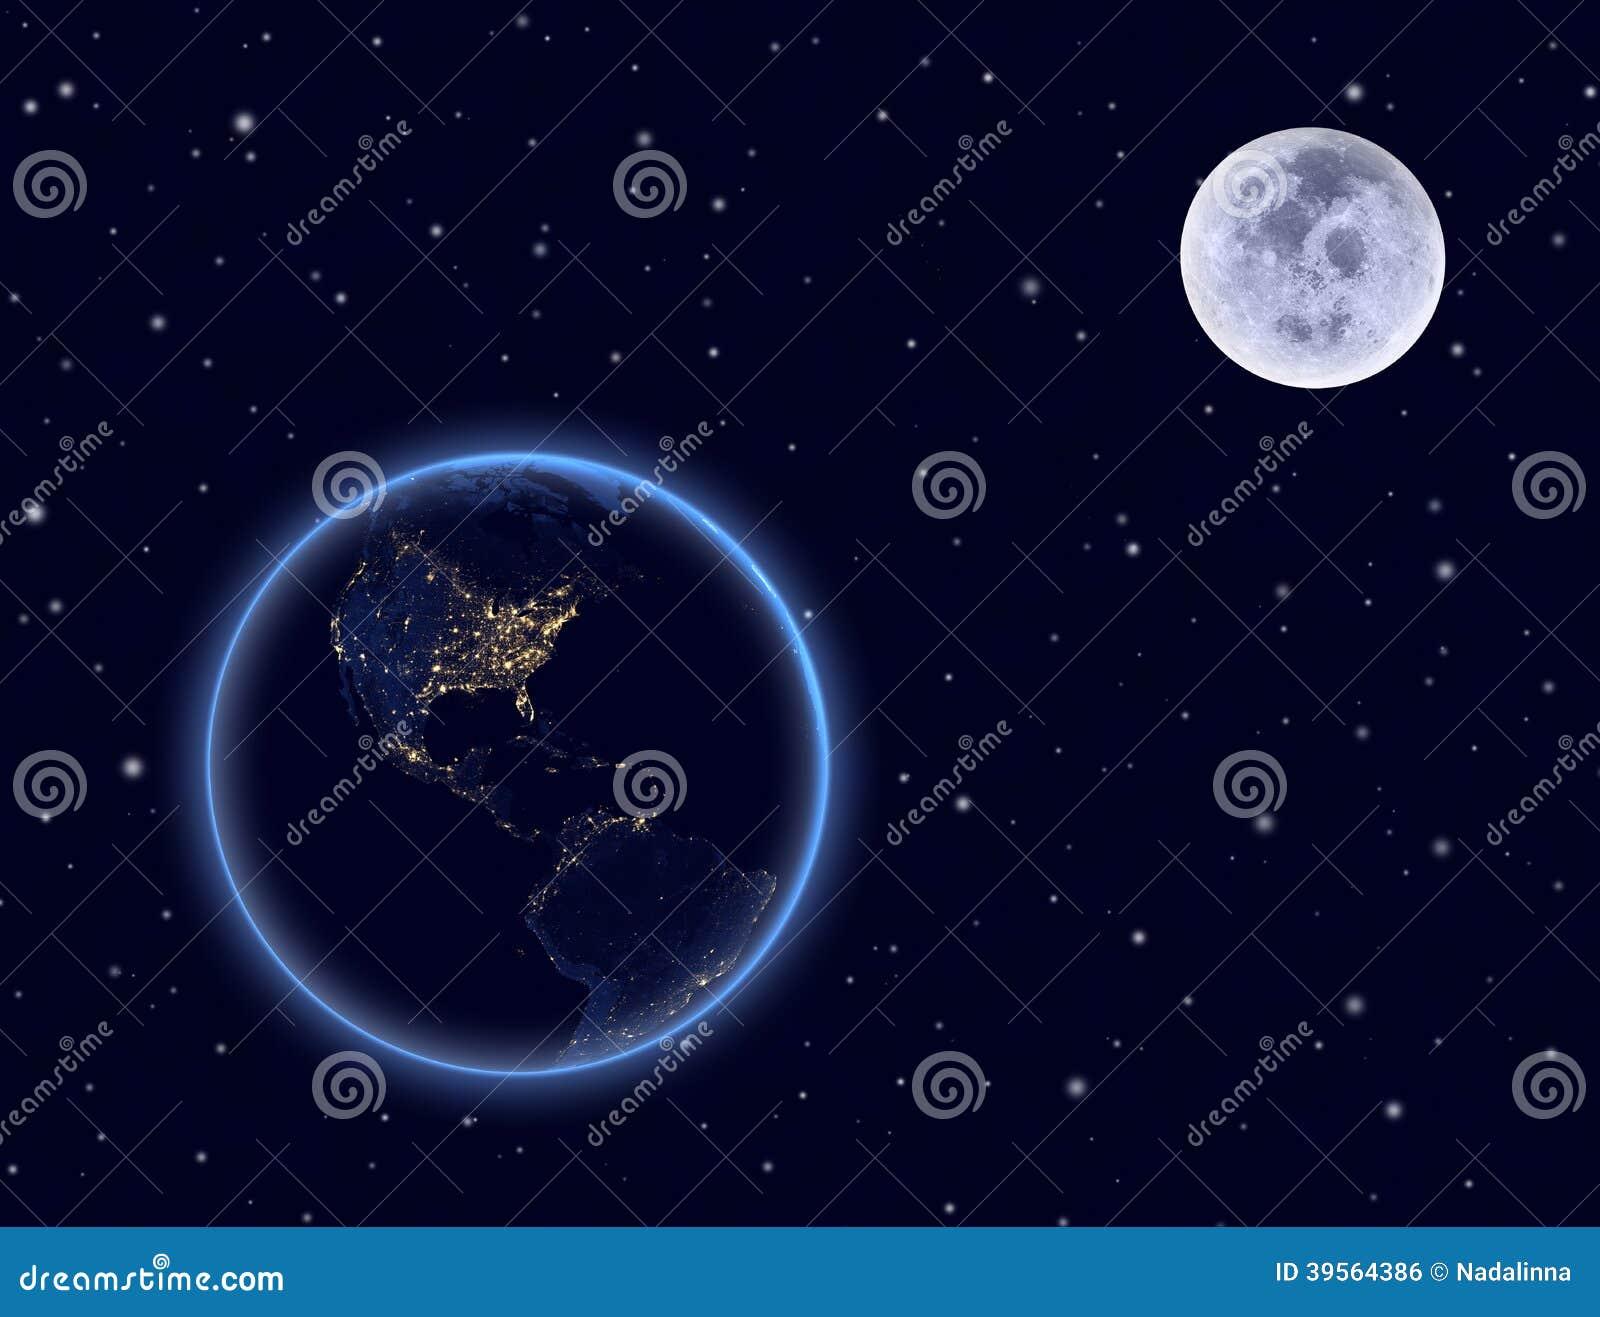 Tierra y luna del planeta en el cielo nocturno. Norte y Suramérica.